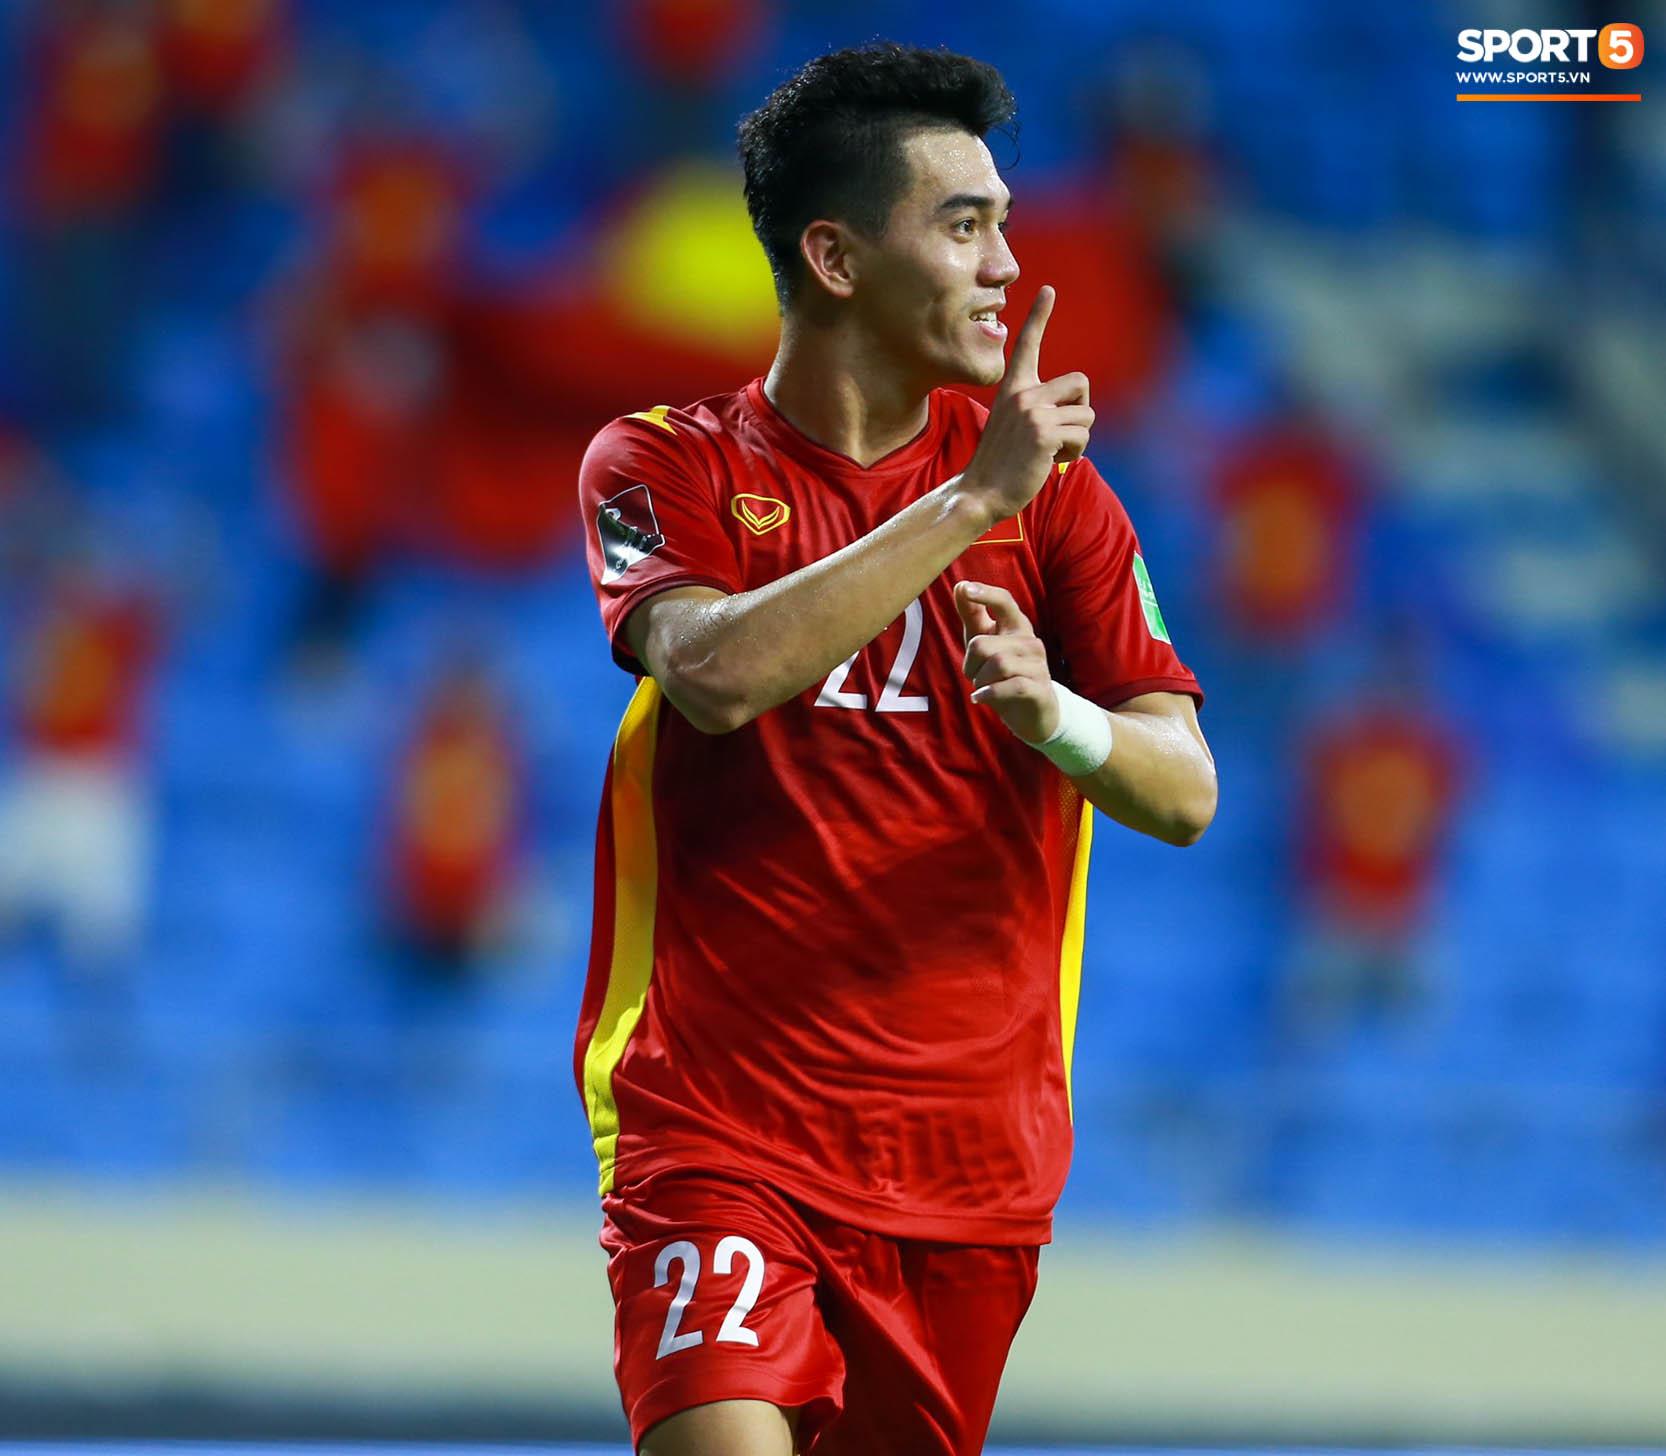 Tuyển Việt Nam chốt đơn 4-0 trước Indonesia, giữ vững ngôi đầu tại vòng loại World Cup 2022 - Ảnh 2.